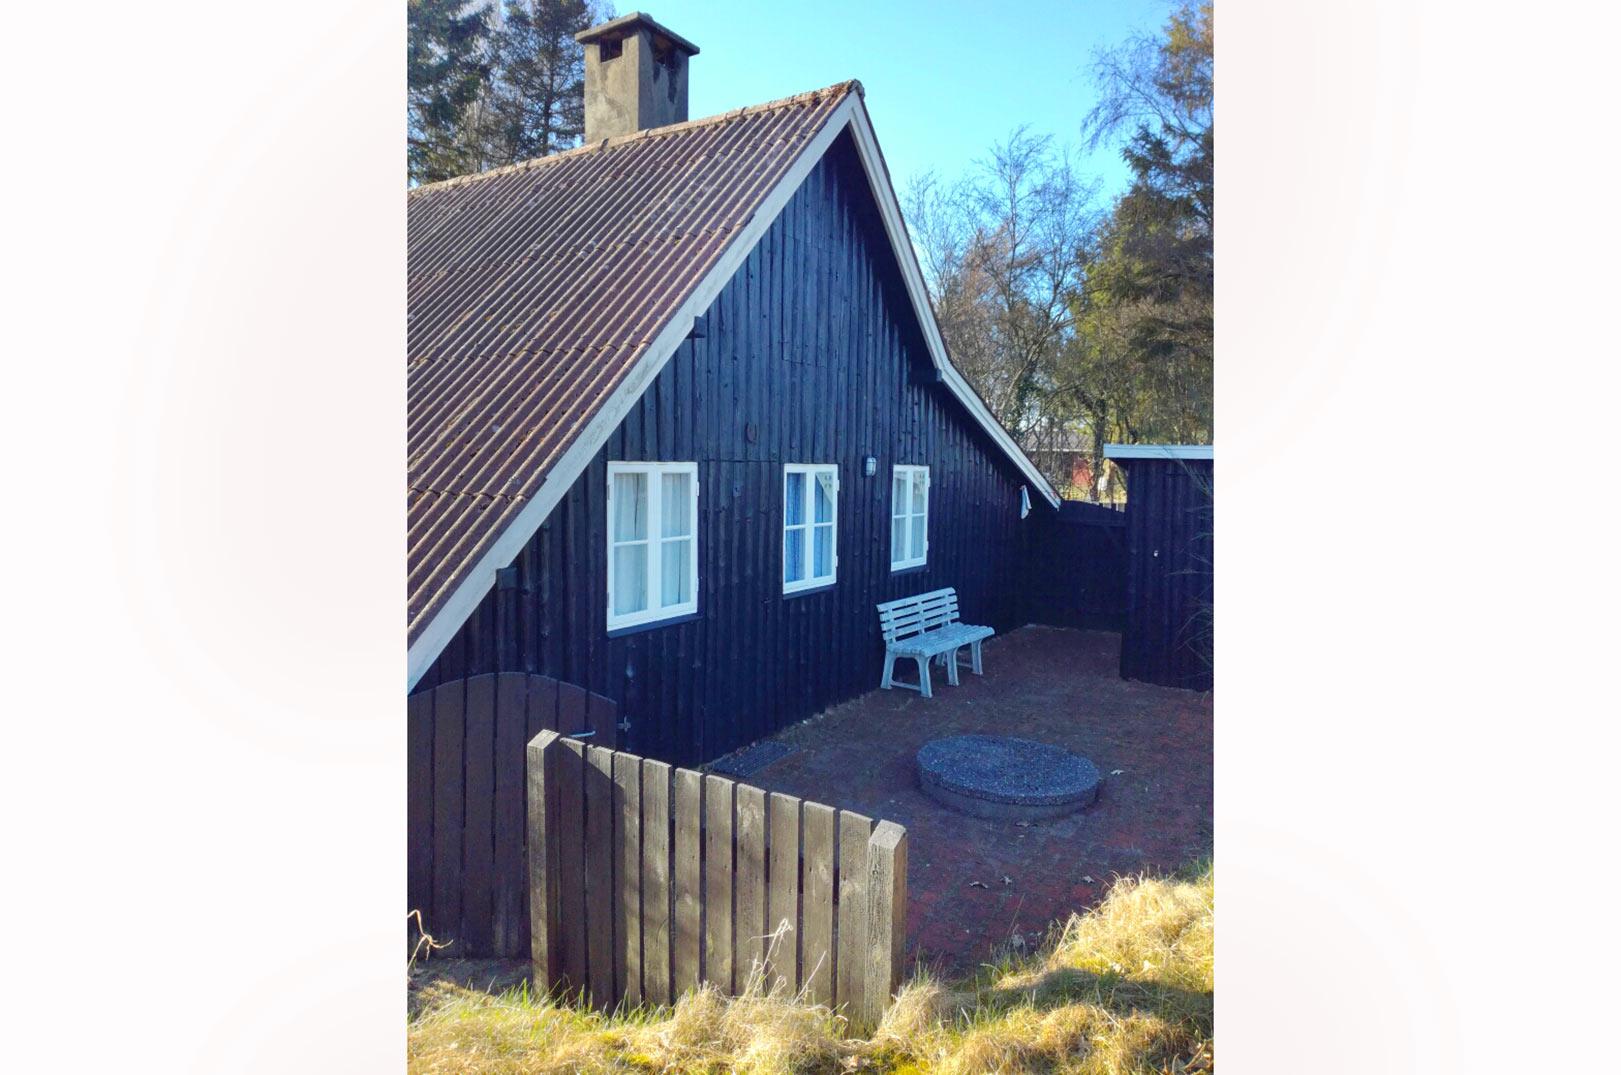 Der er også en dejlig terasse ved hytten, hvor man kan nyde livet inden og efter fisketuren.